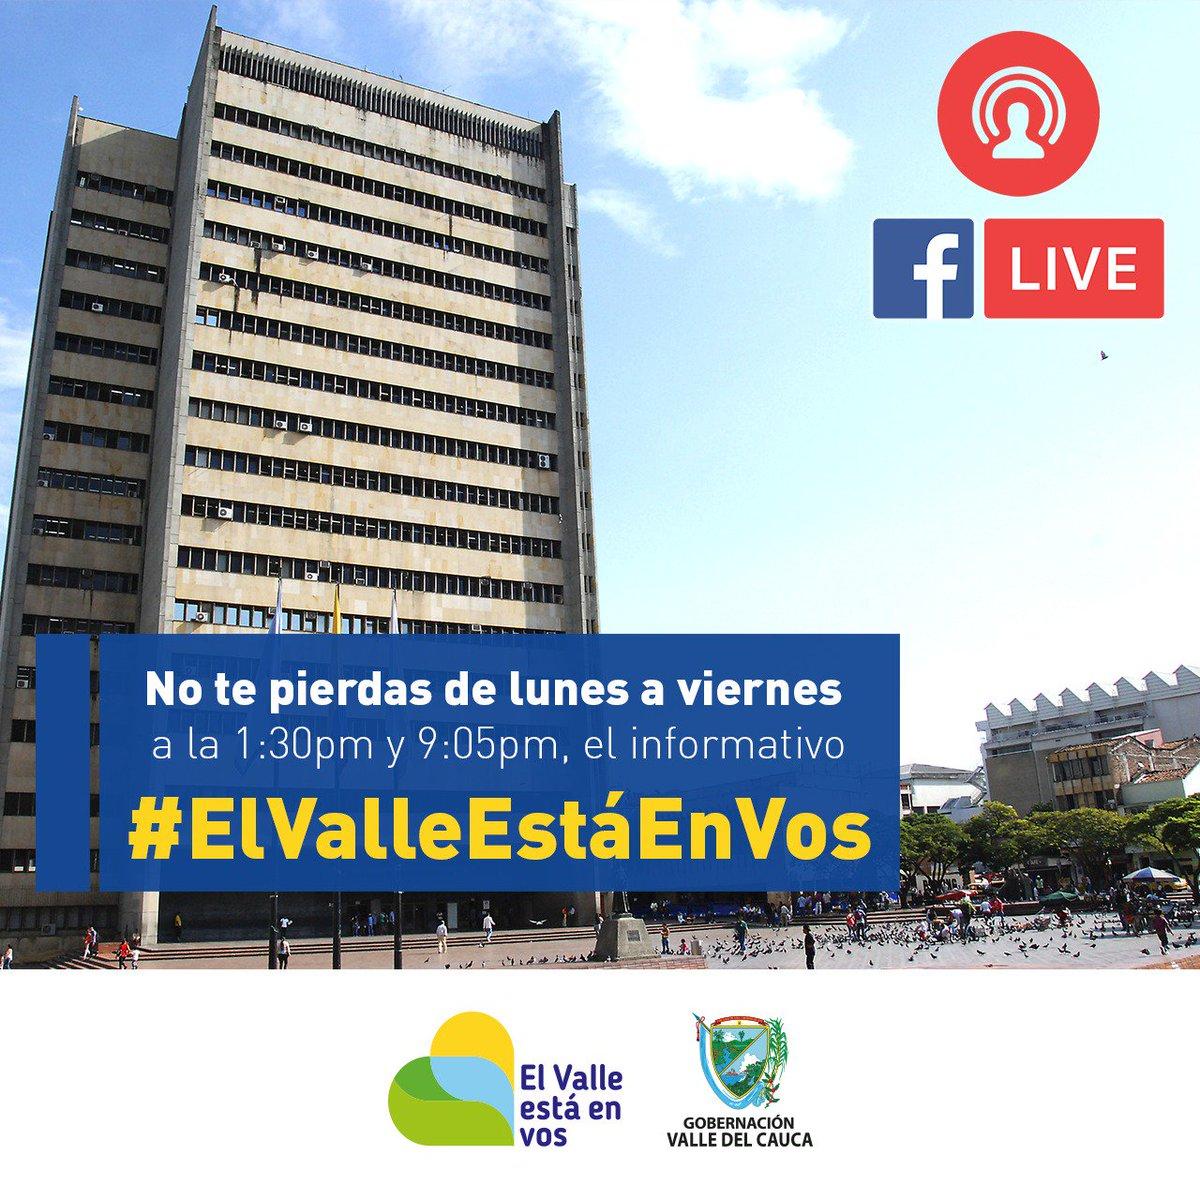 #ElValleEstaEnVos by @GobValle